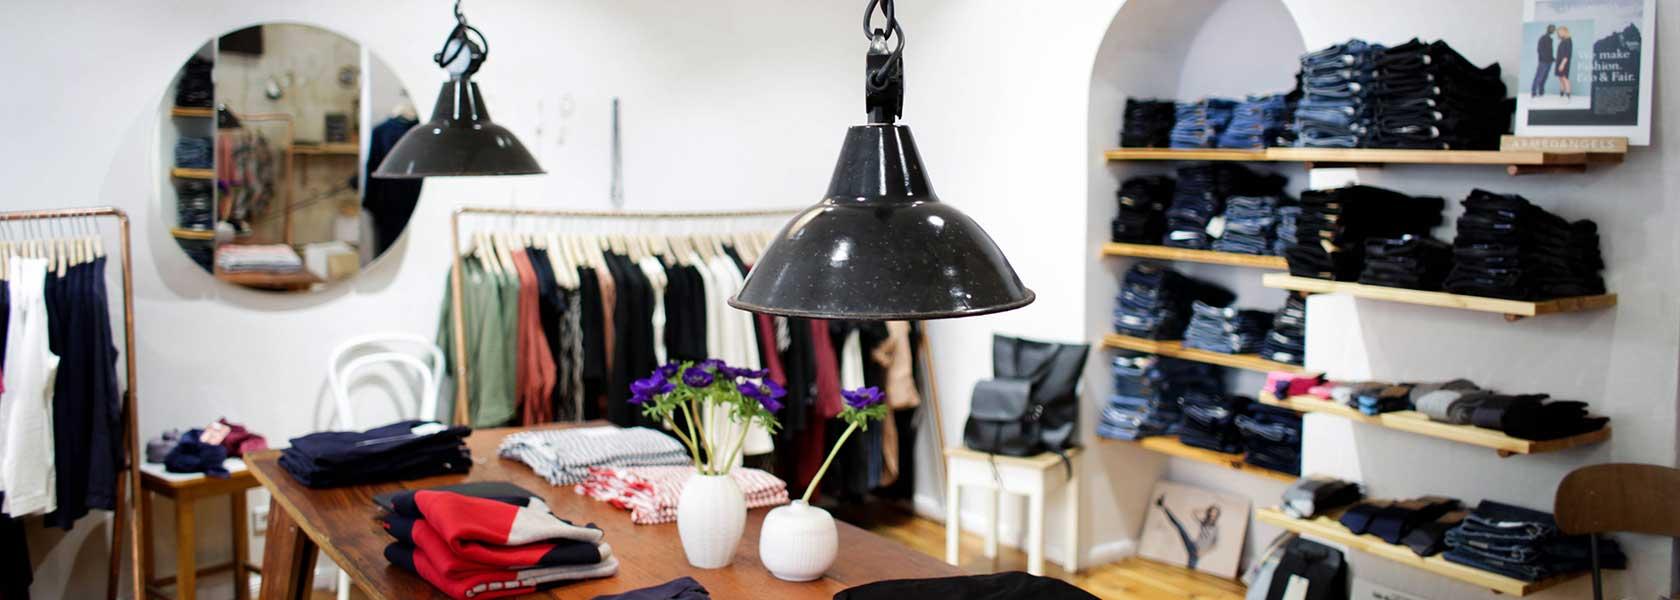 Loveco Store Friedrichshain Fair Fashion